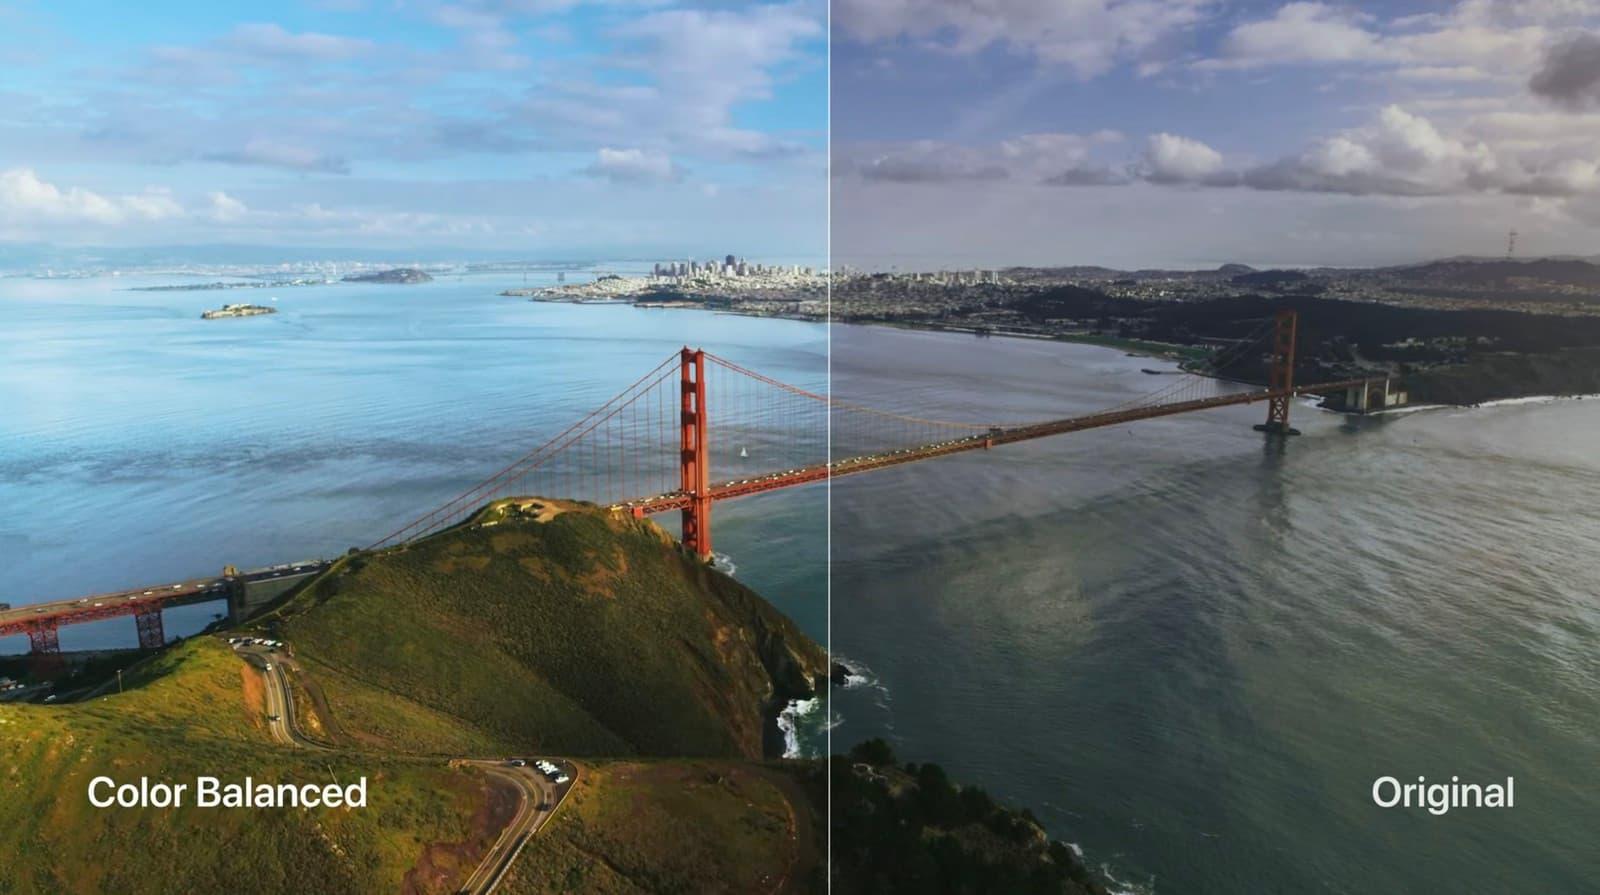 利用 Apple TV 校正電視顏色效果結果如何